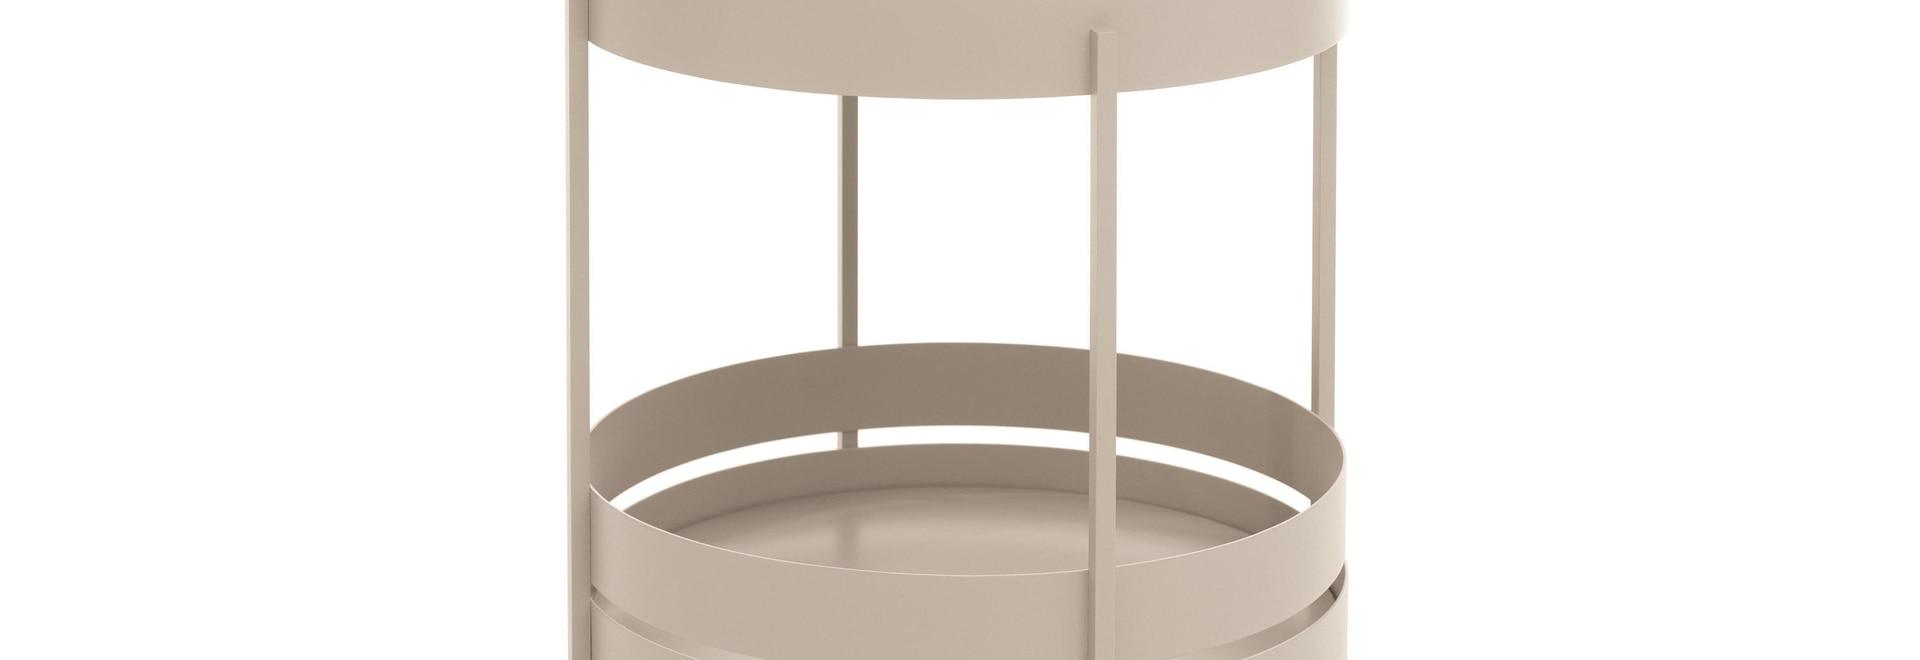 ALBERT side table by Schönbuch